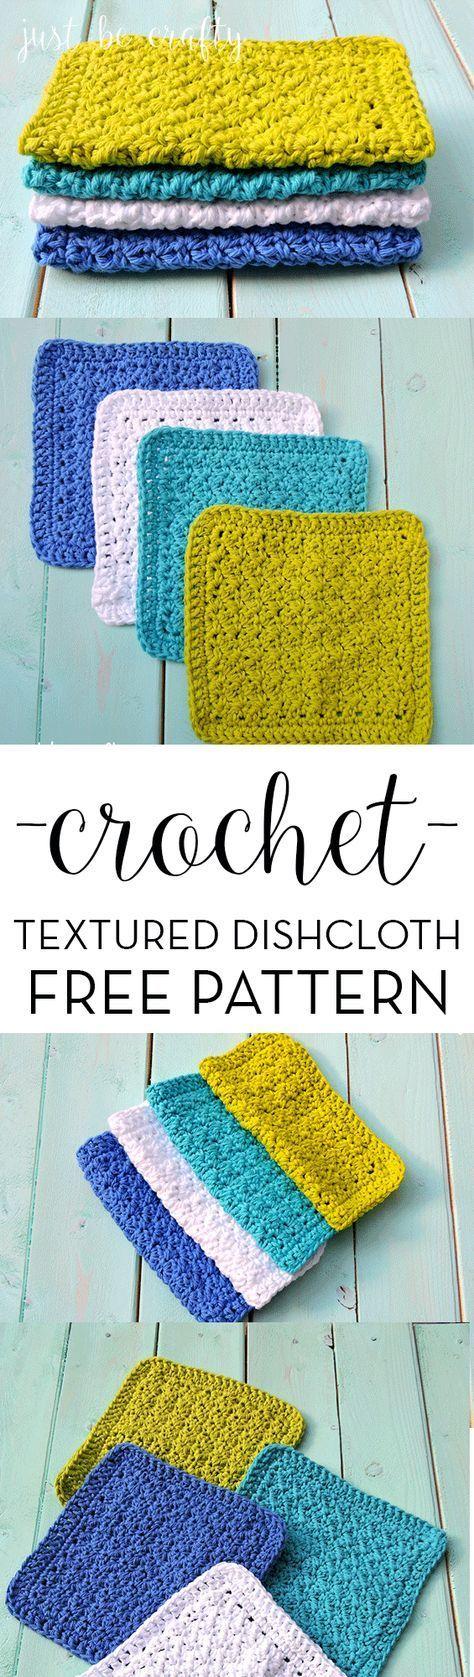 618 besten Crochet Dish, Washcloths & Scrubs Bilder auf Pinterest ...